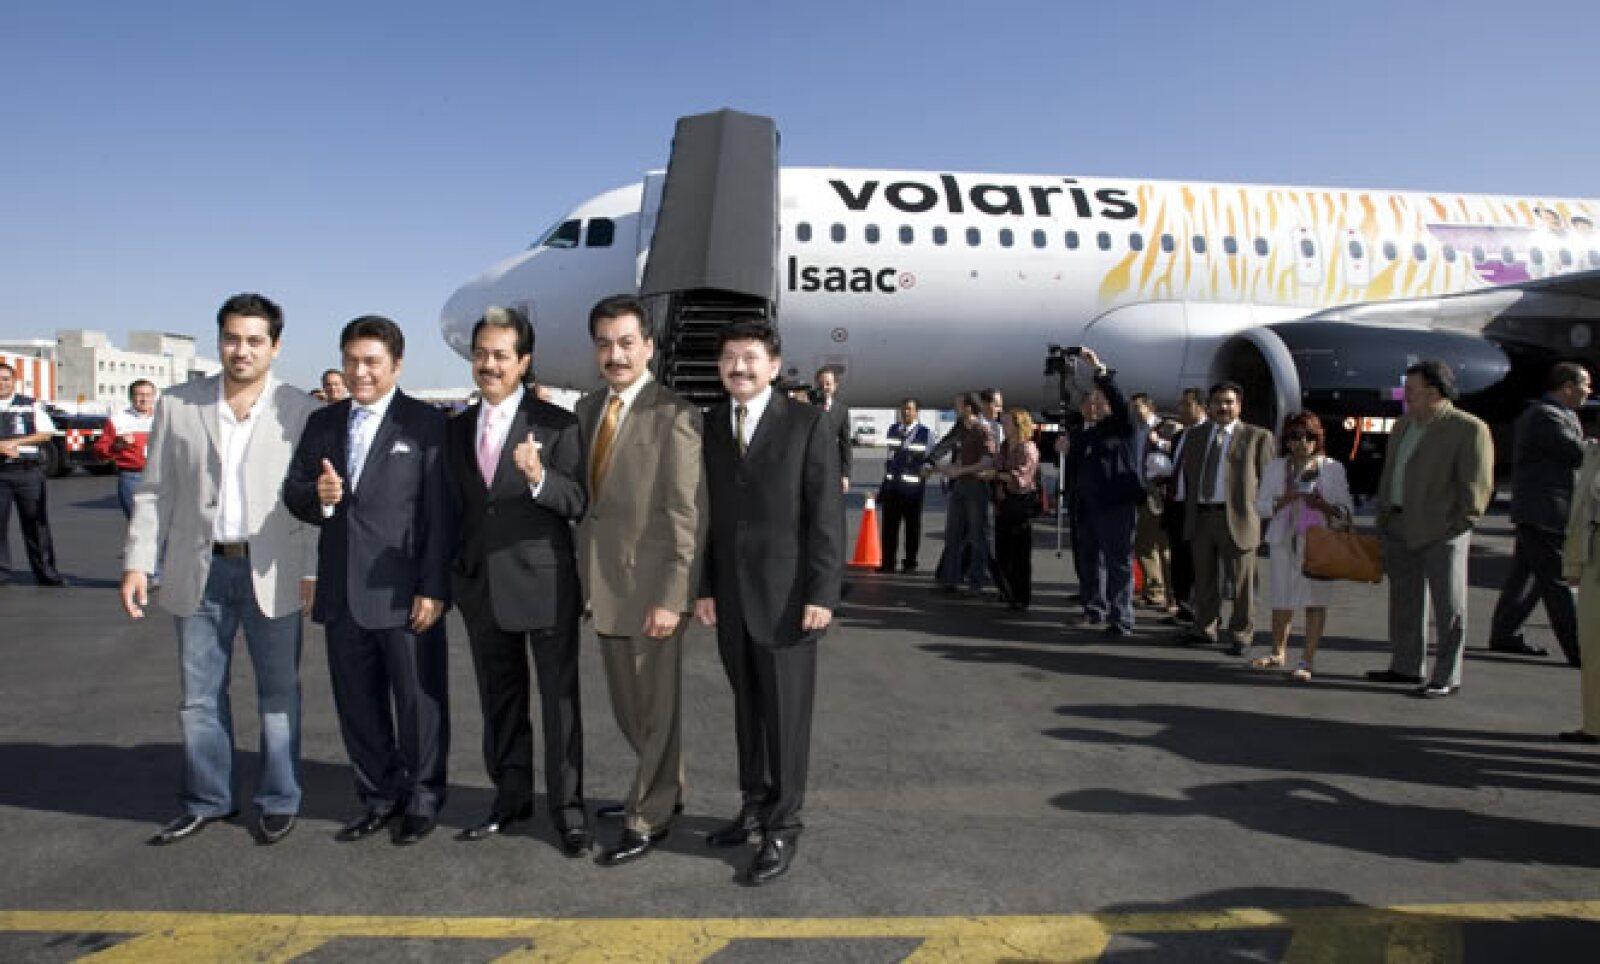 Los tigres del norte tocaron en pleno vuelo con Volaris este miércoles 12. Salieron del Aeropuerto Internacional de Toluca y aterrizaron en Los Ángeles.